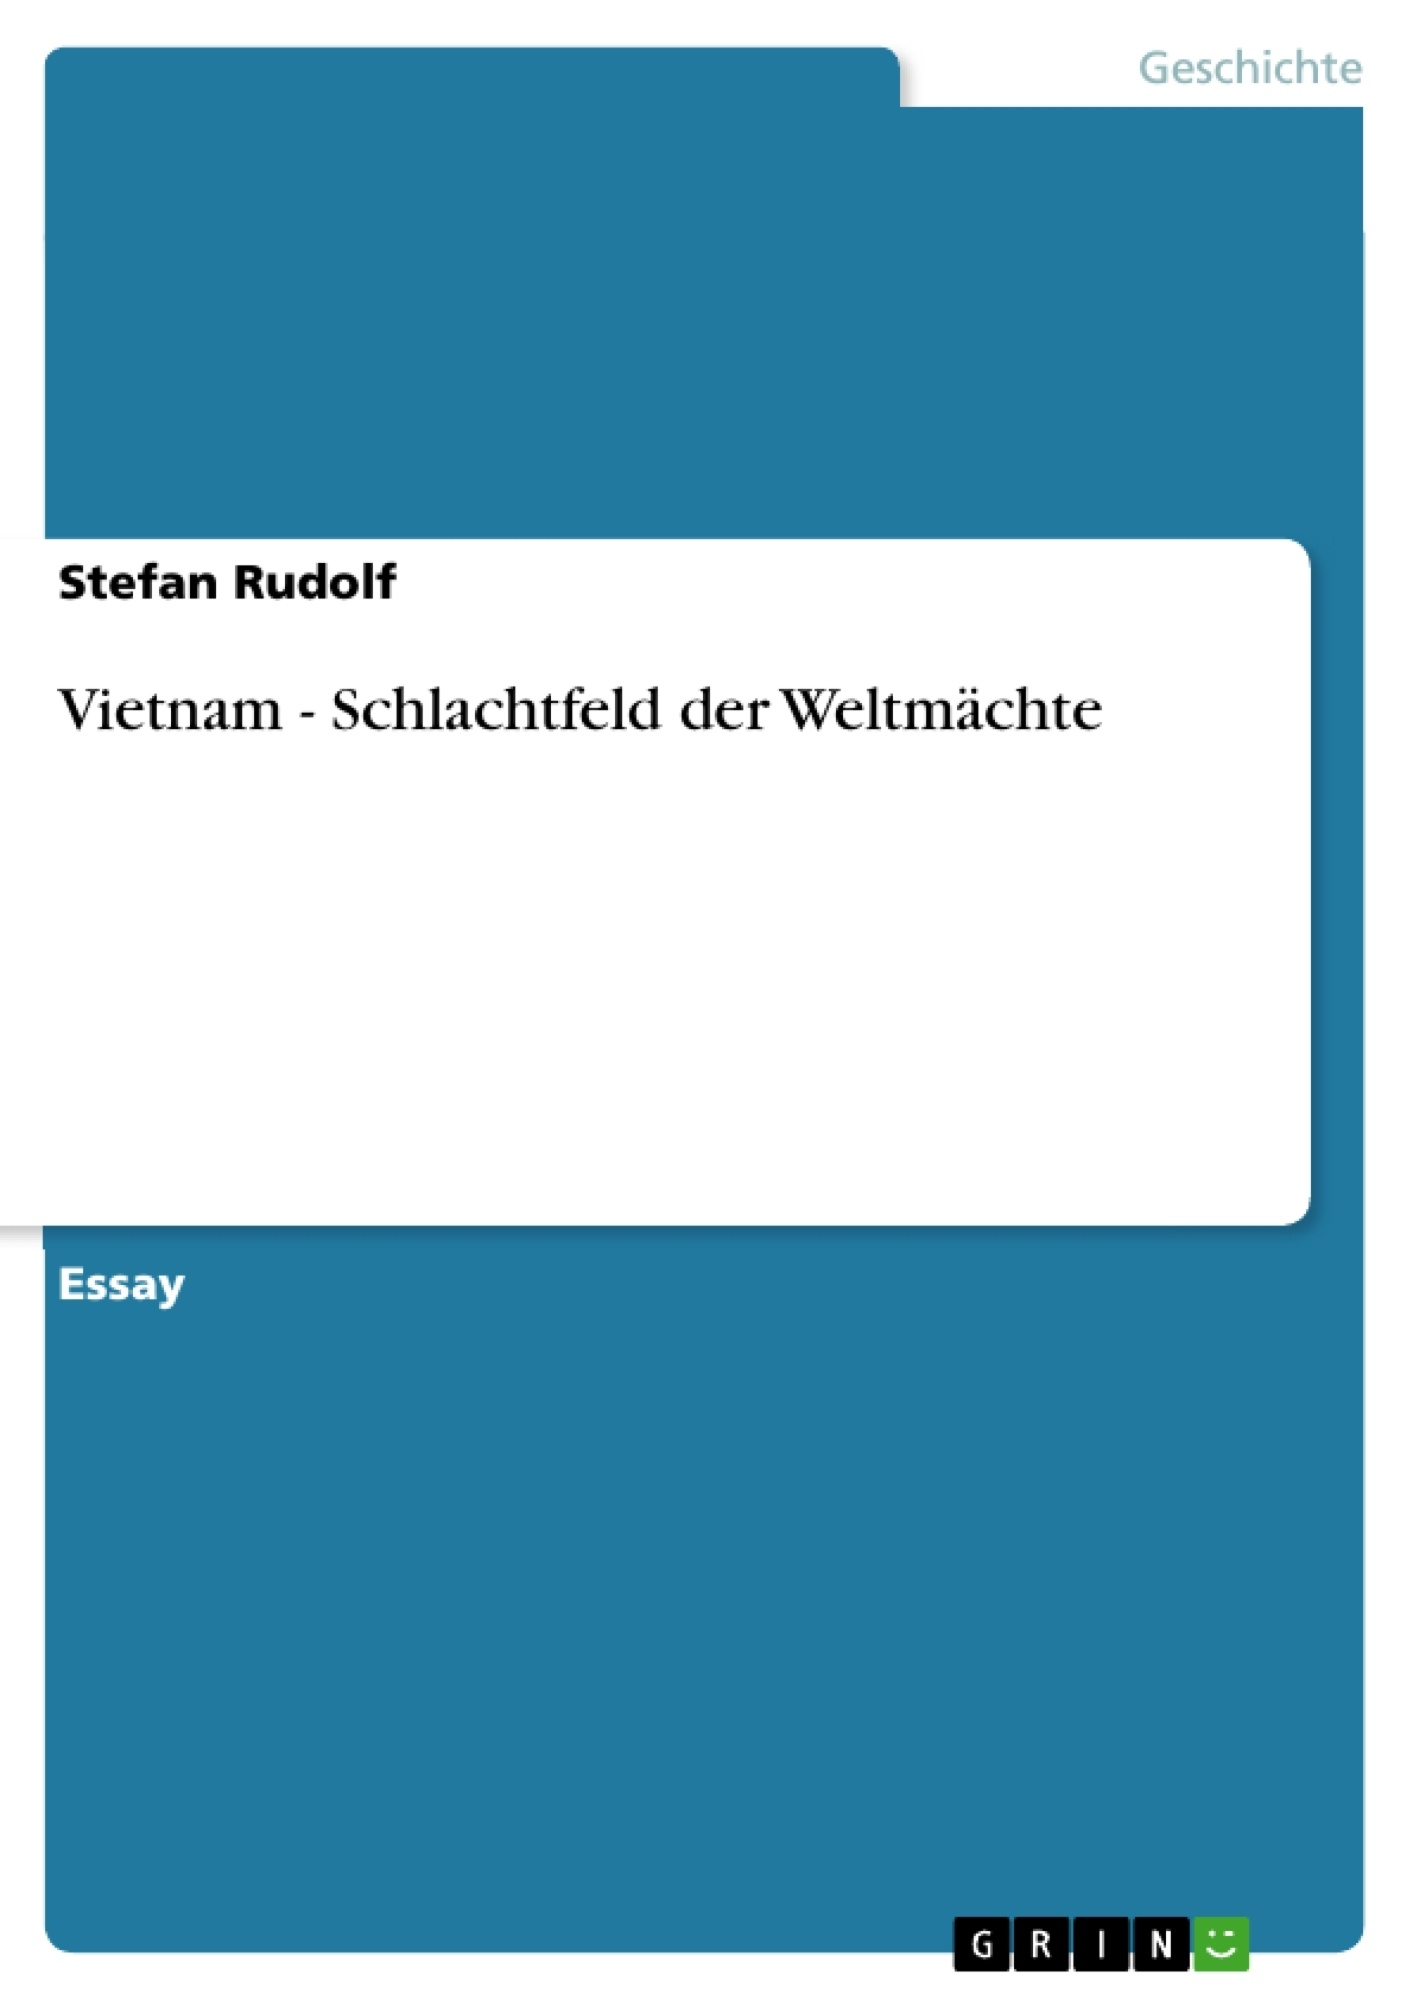 Titel: Vietnam - Schlachtfeld der Weltmächte